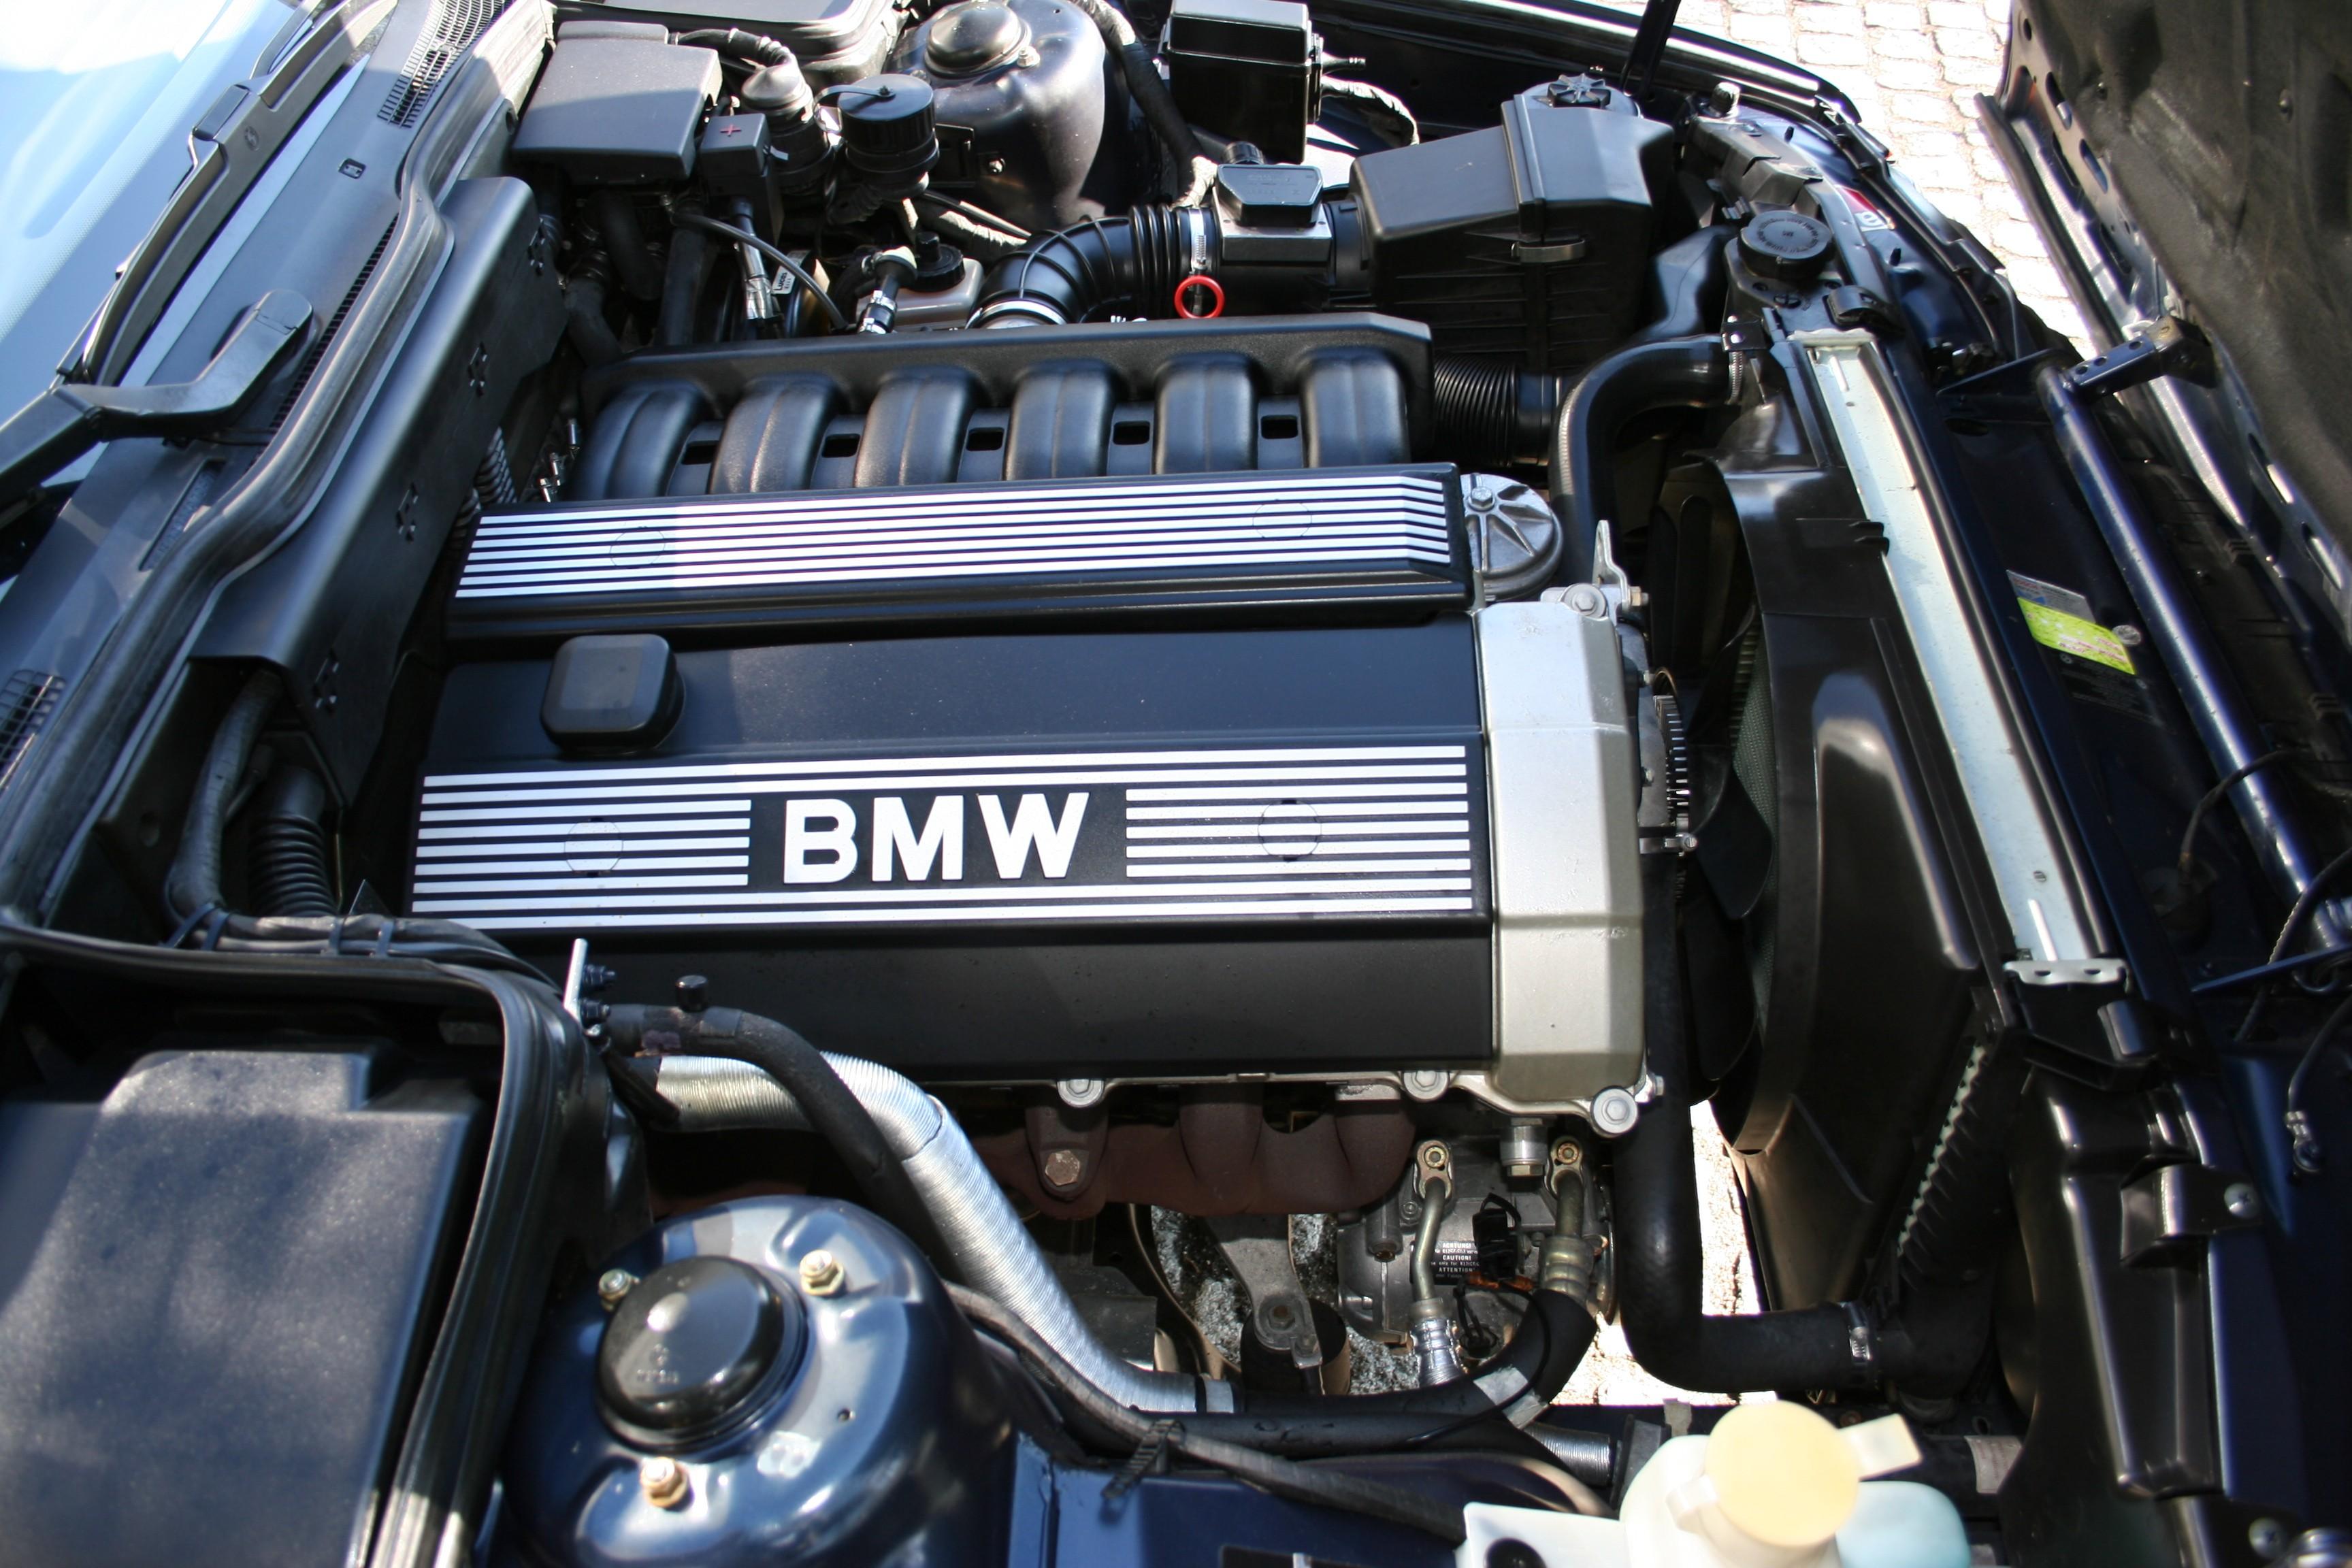 Bmw E34 Engine Diagram Bmw 5 Series E34 History and Specifications Of Bmw E34 Engine Diagram